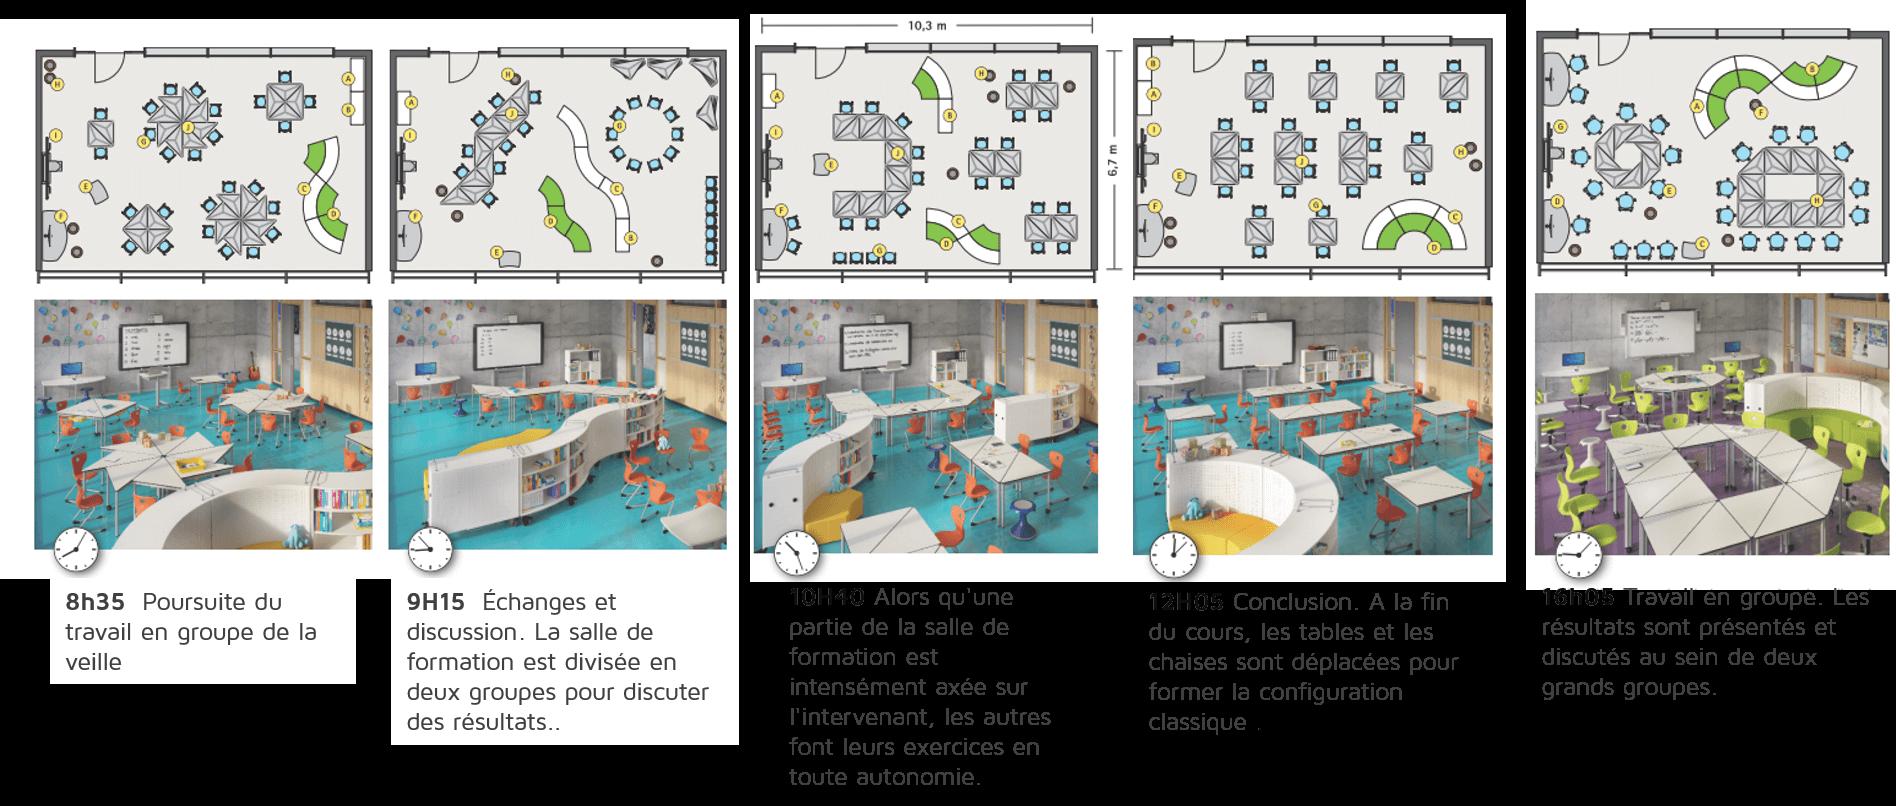 configurations mobilier vs